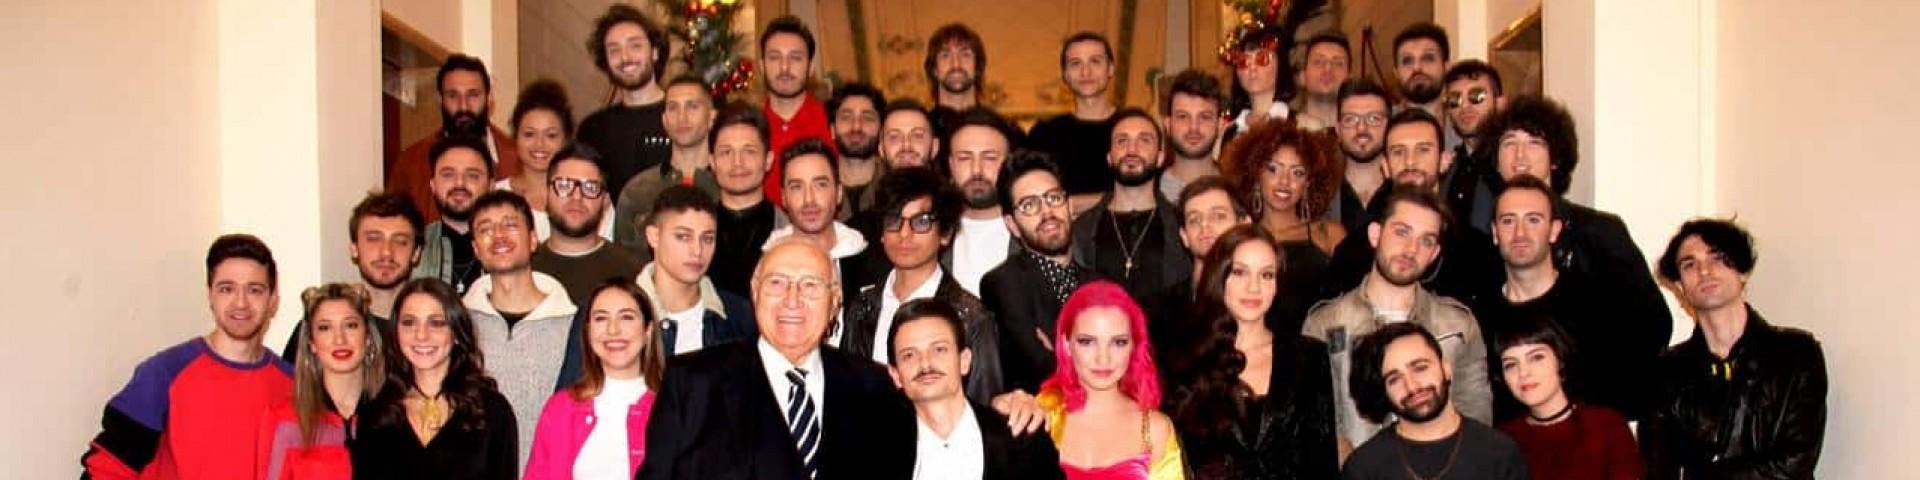 Sanremo Giovani 2018: ecco chi sono i 24 concorrenti